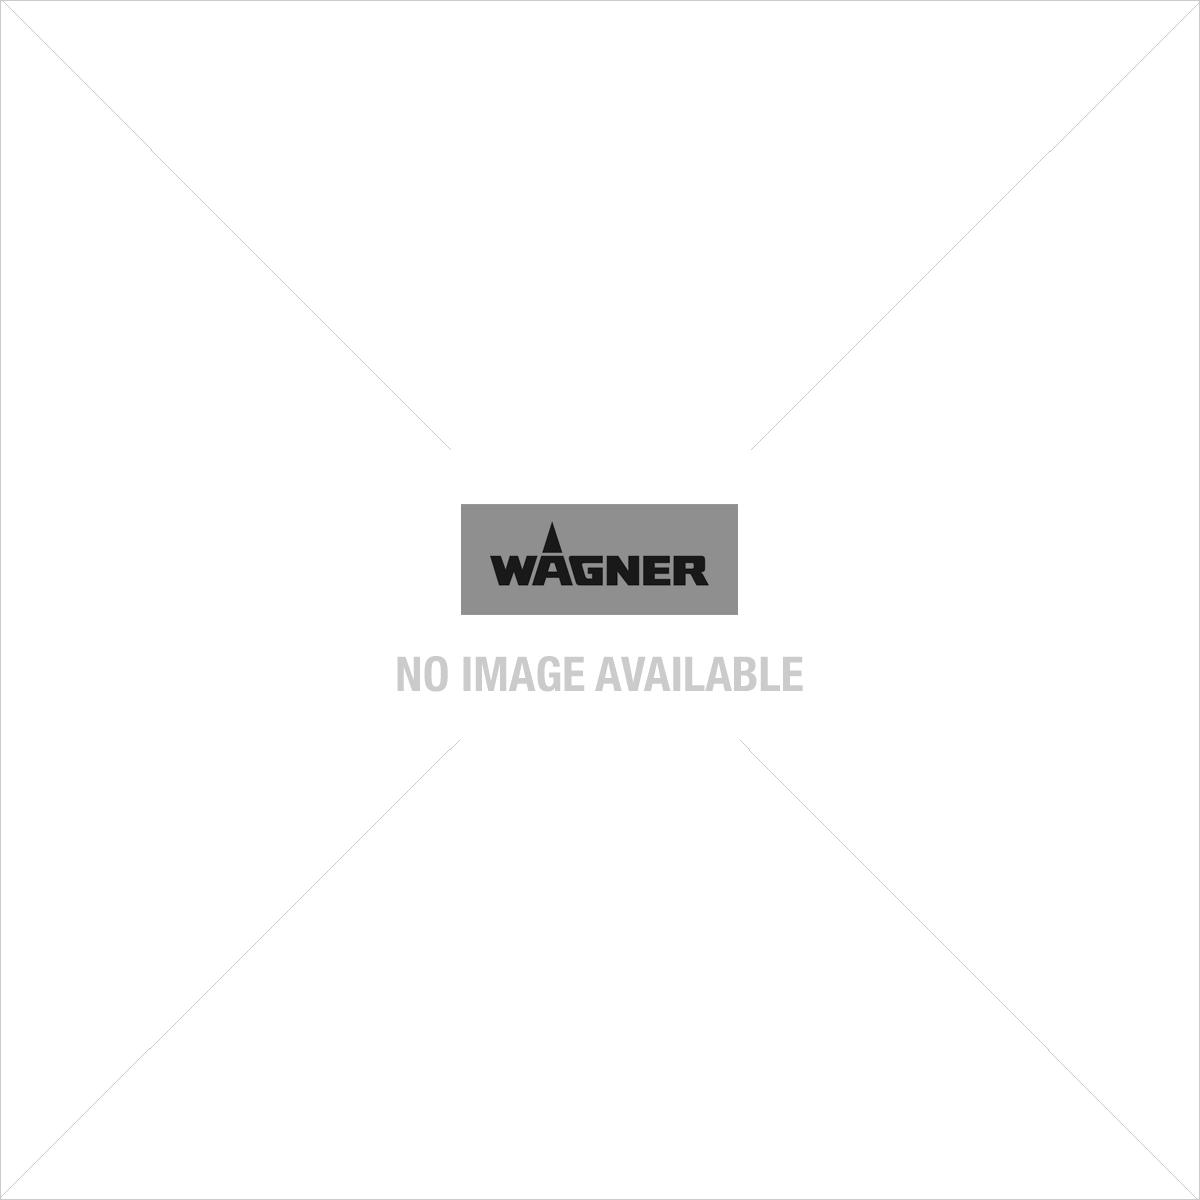 Viscositeitsbeker groot Wagner